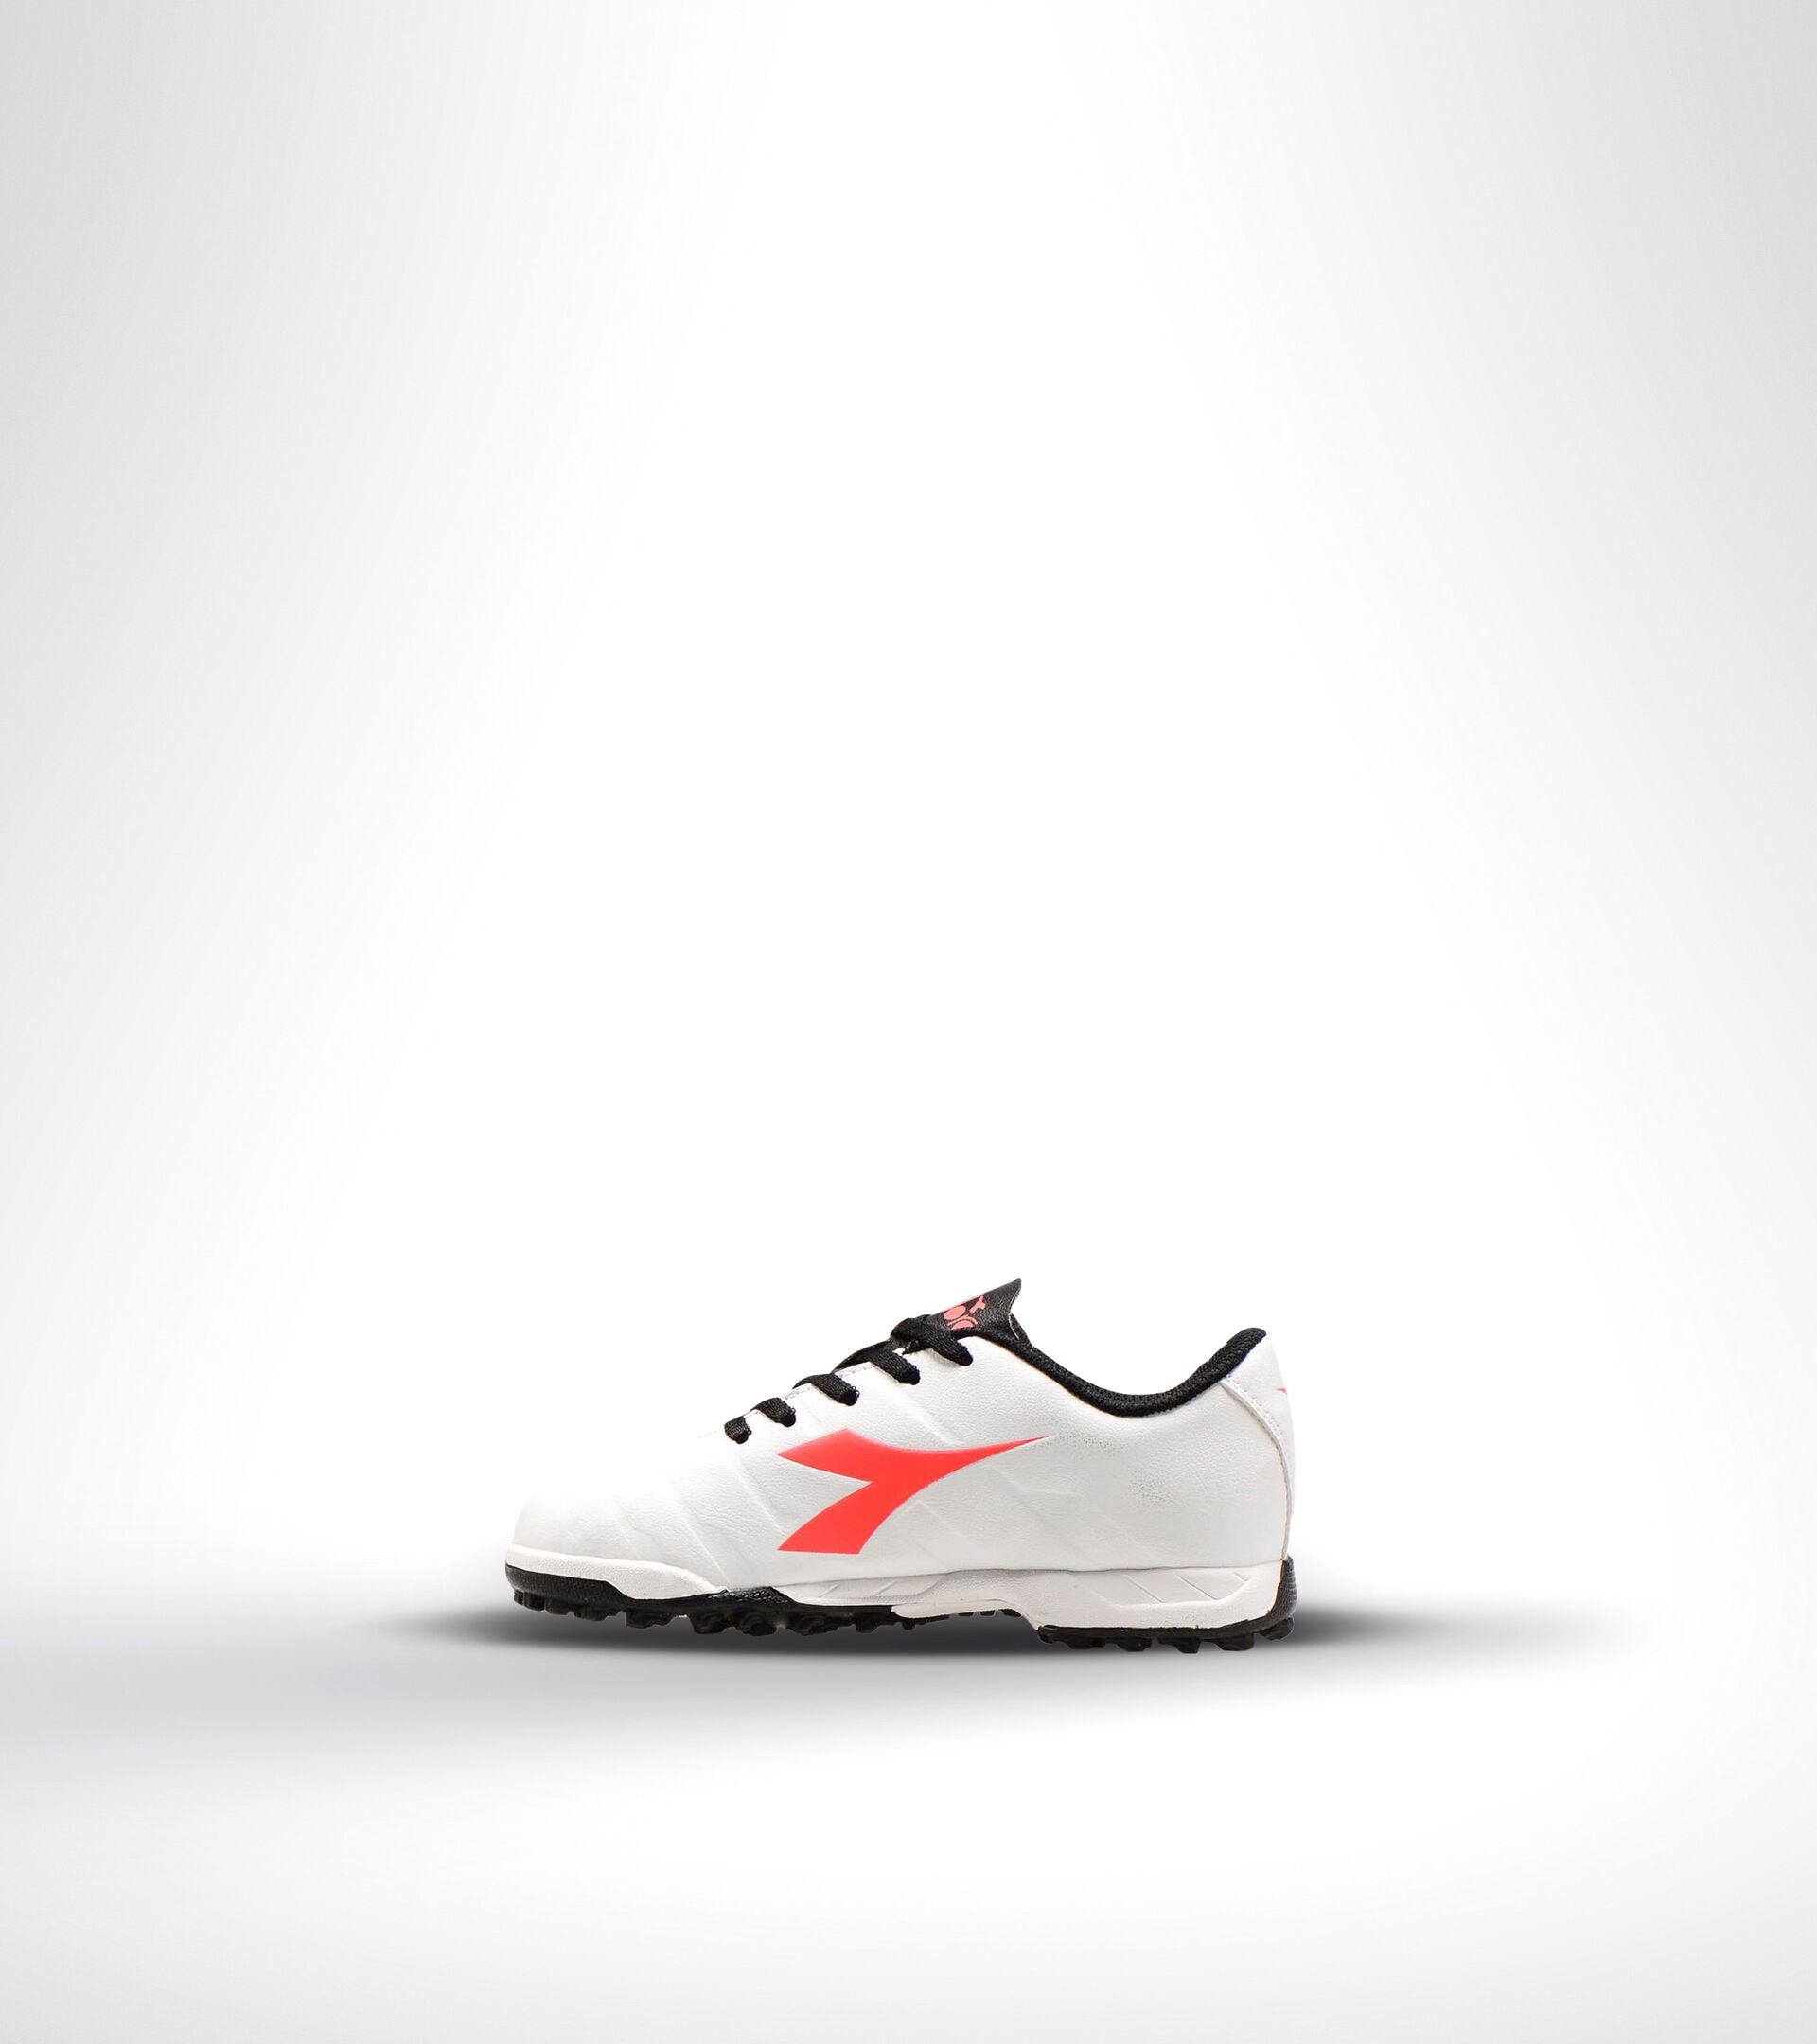 Chaussures de football pour terrains durs ou gazon synthétique - Unisexe Enfant PICHICHI 3 TF JR BIANCO/NERO/ROSSO FLUO - Diadora